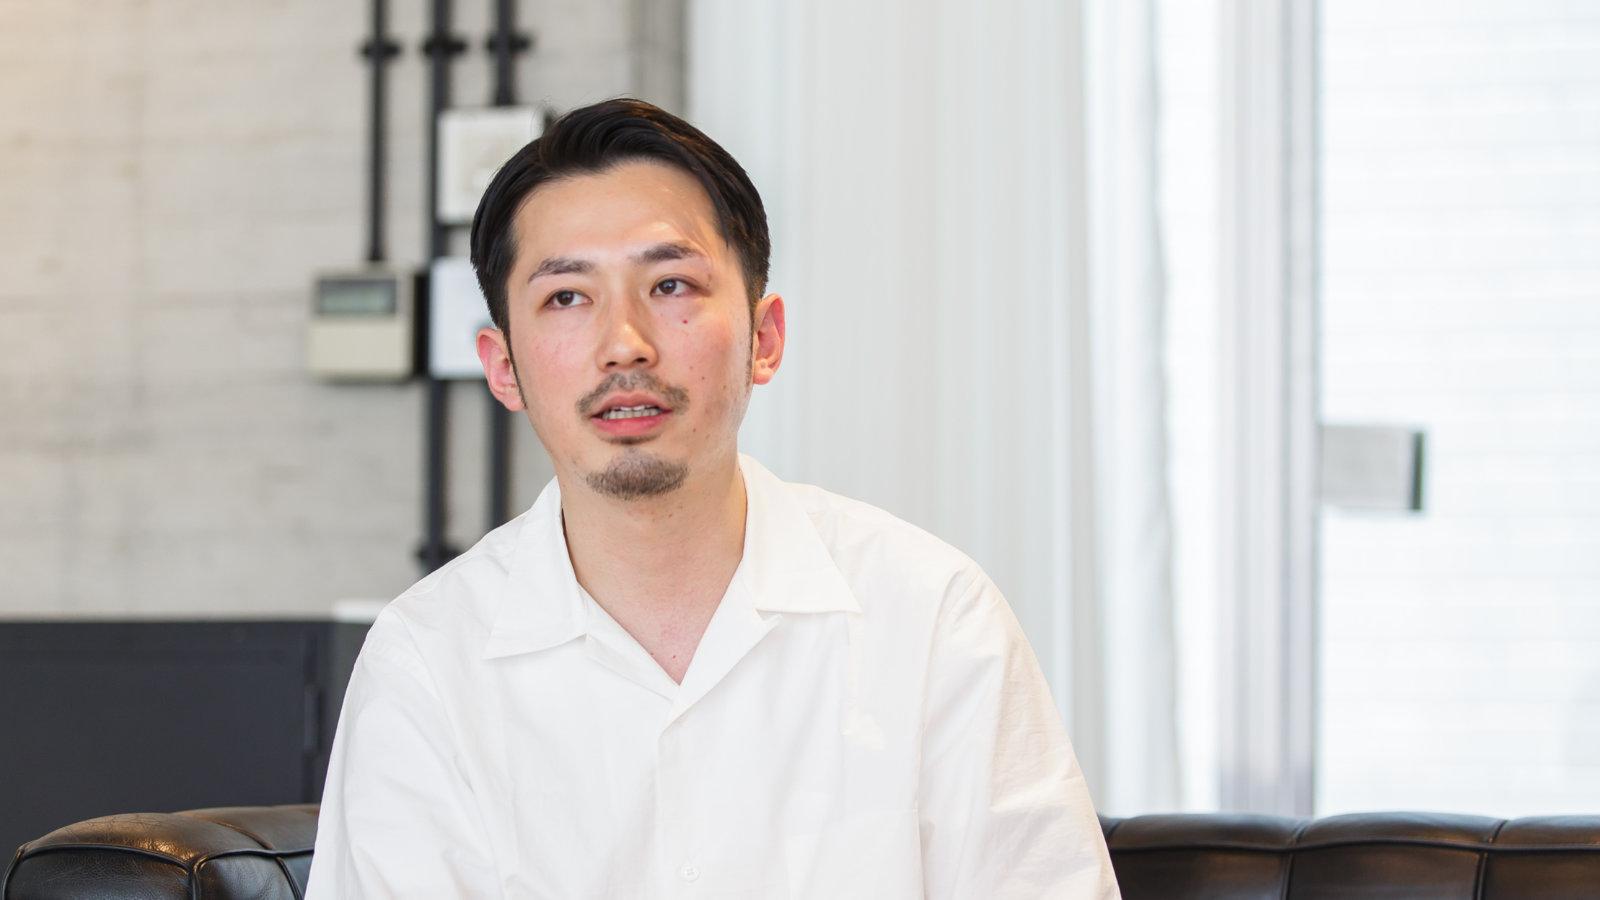 クリエイティブ・ディレクター 渡辺 琢磨さん